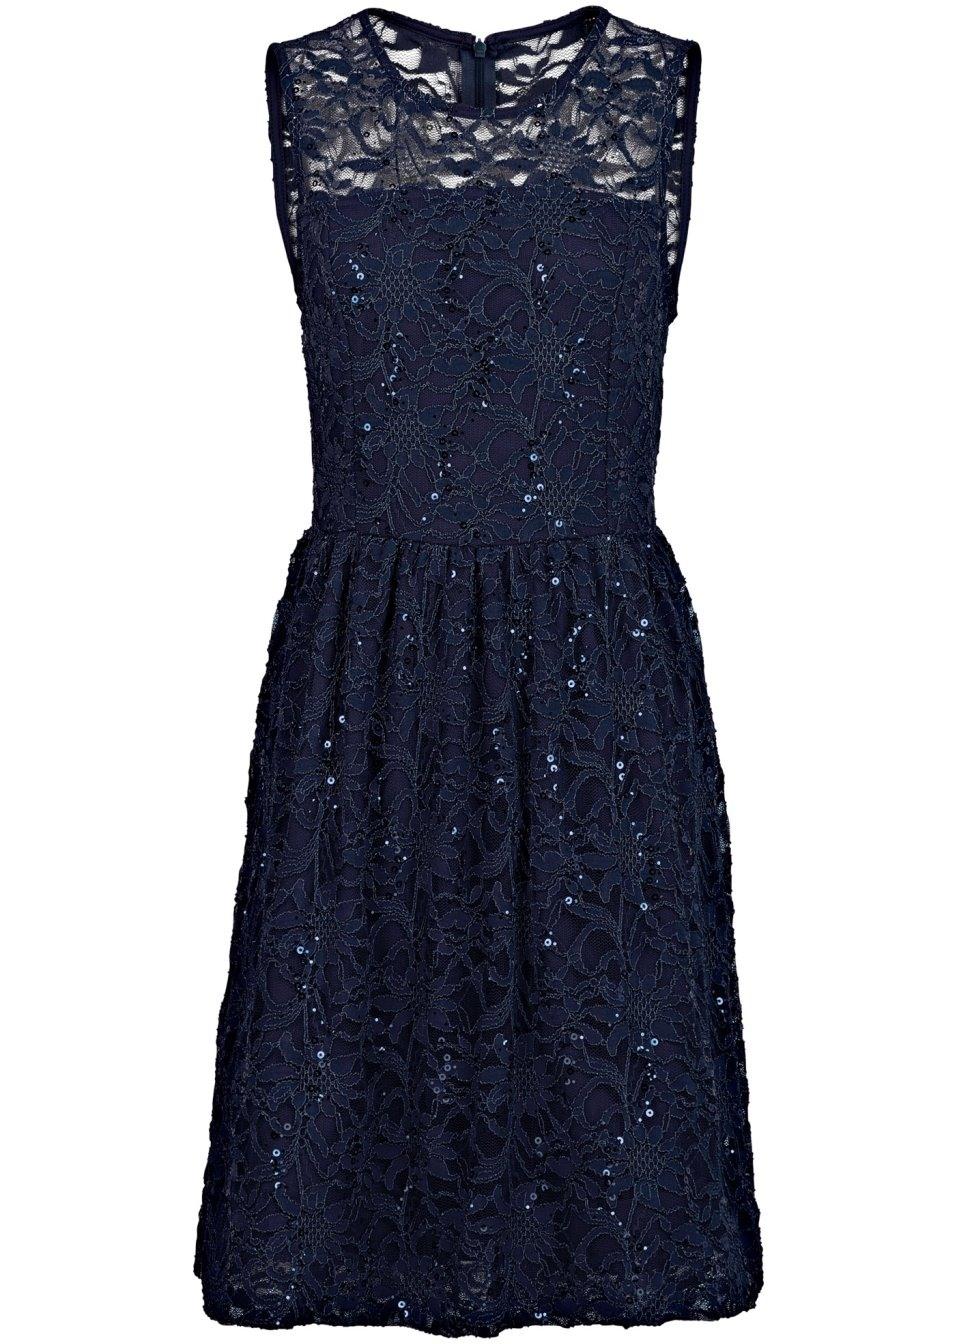 15 Top Kleid Mit Spitze Blau Vertrieb17 Spektakulär Kleid Mit Spitze Blau Galerie